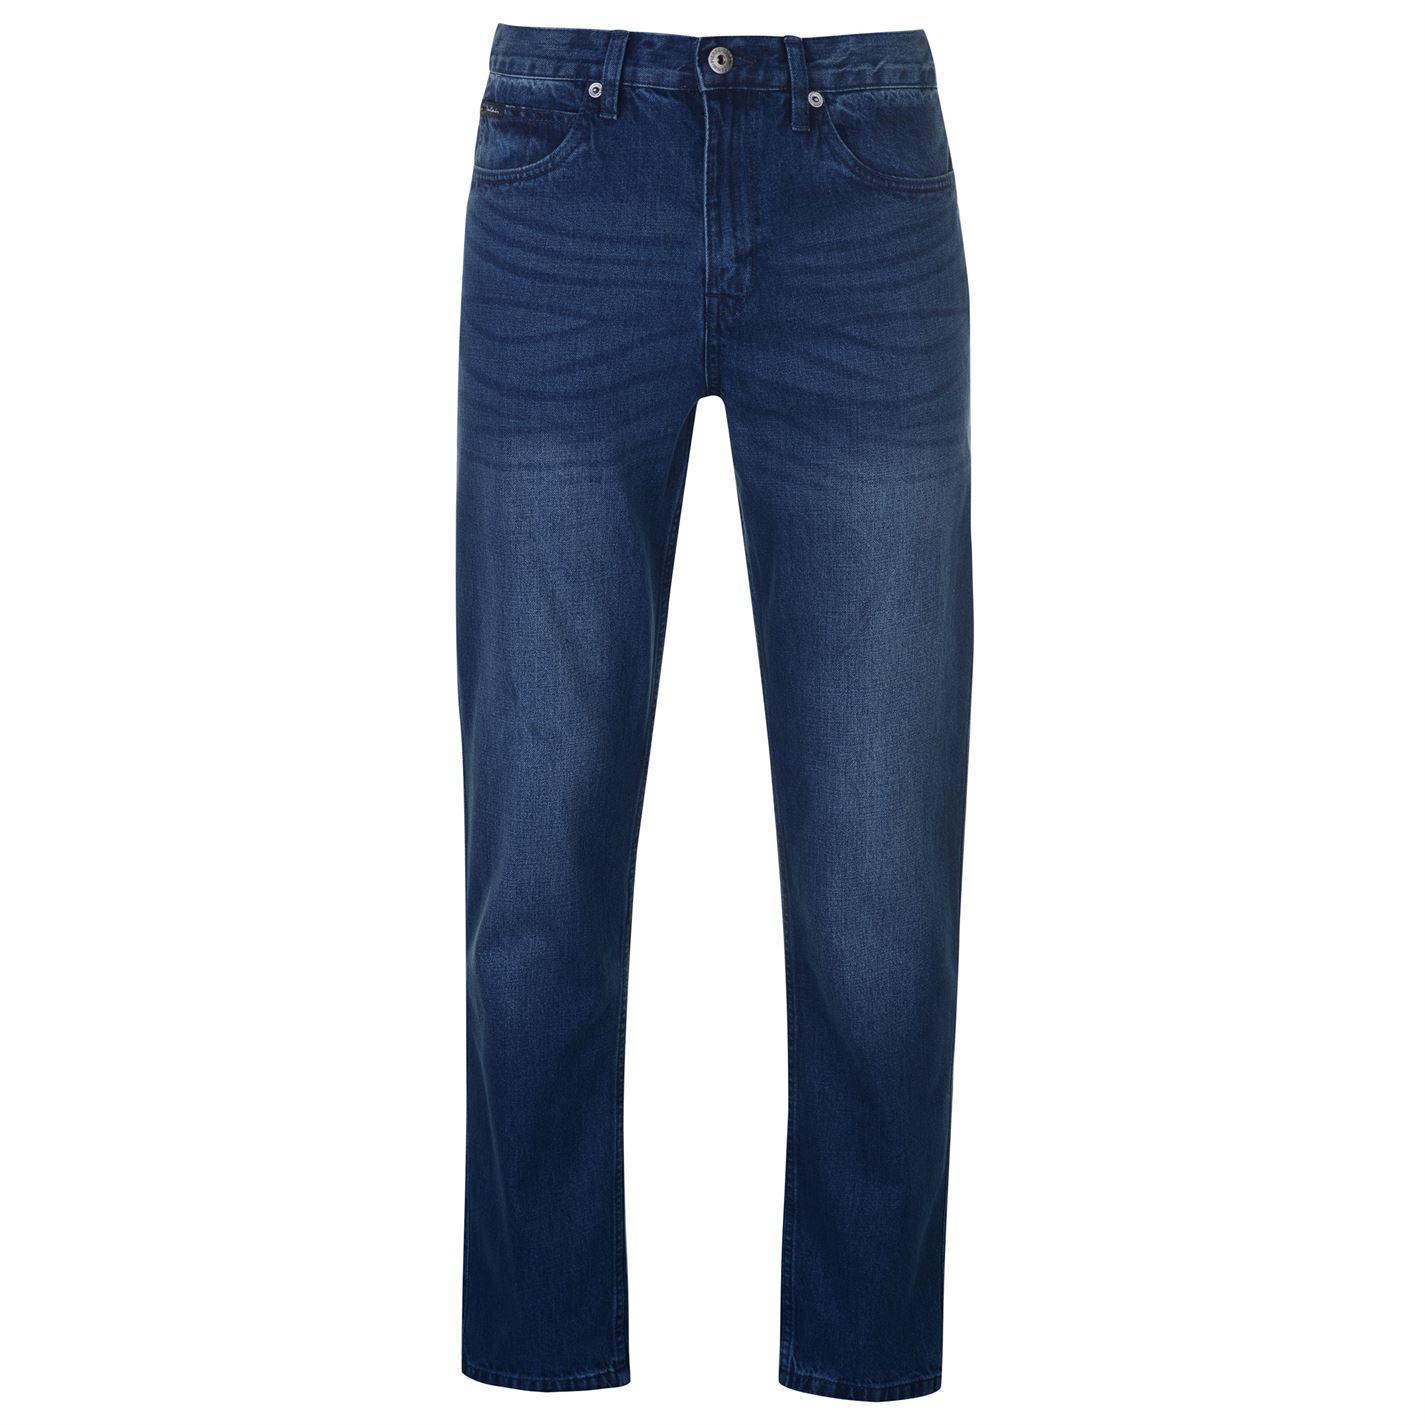 Pierre Cardin Straight Fit Jeans pánske